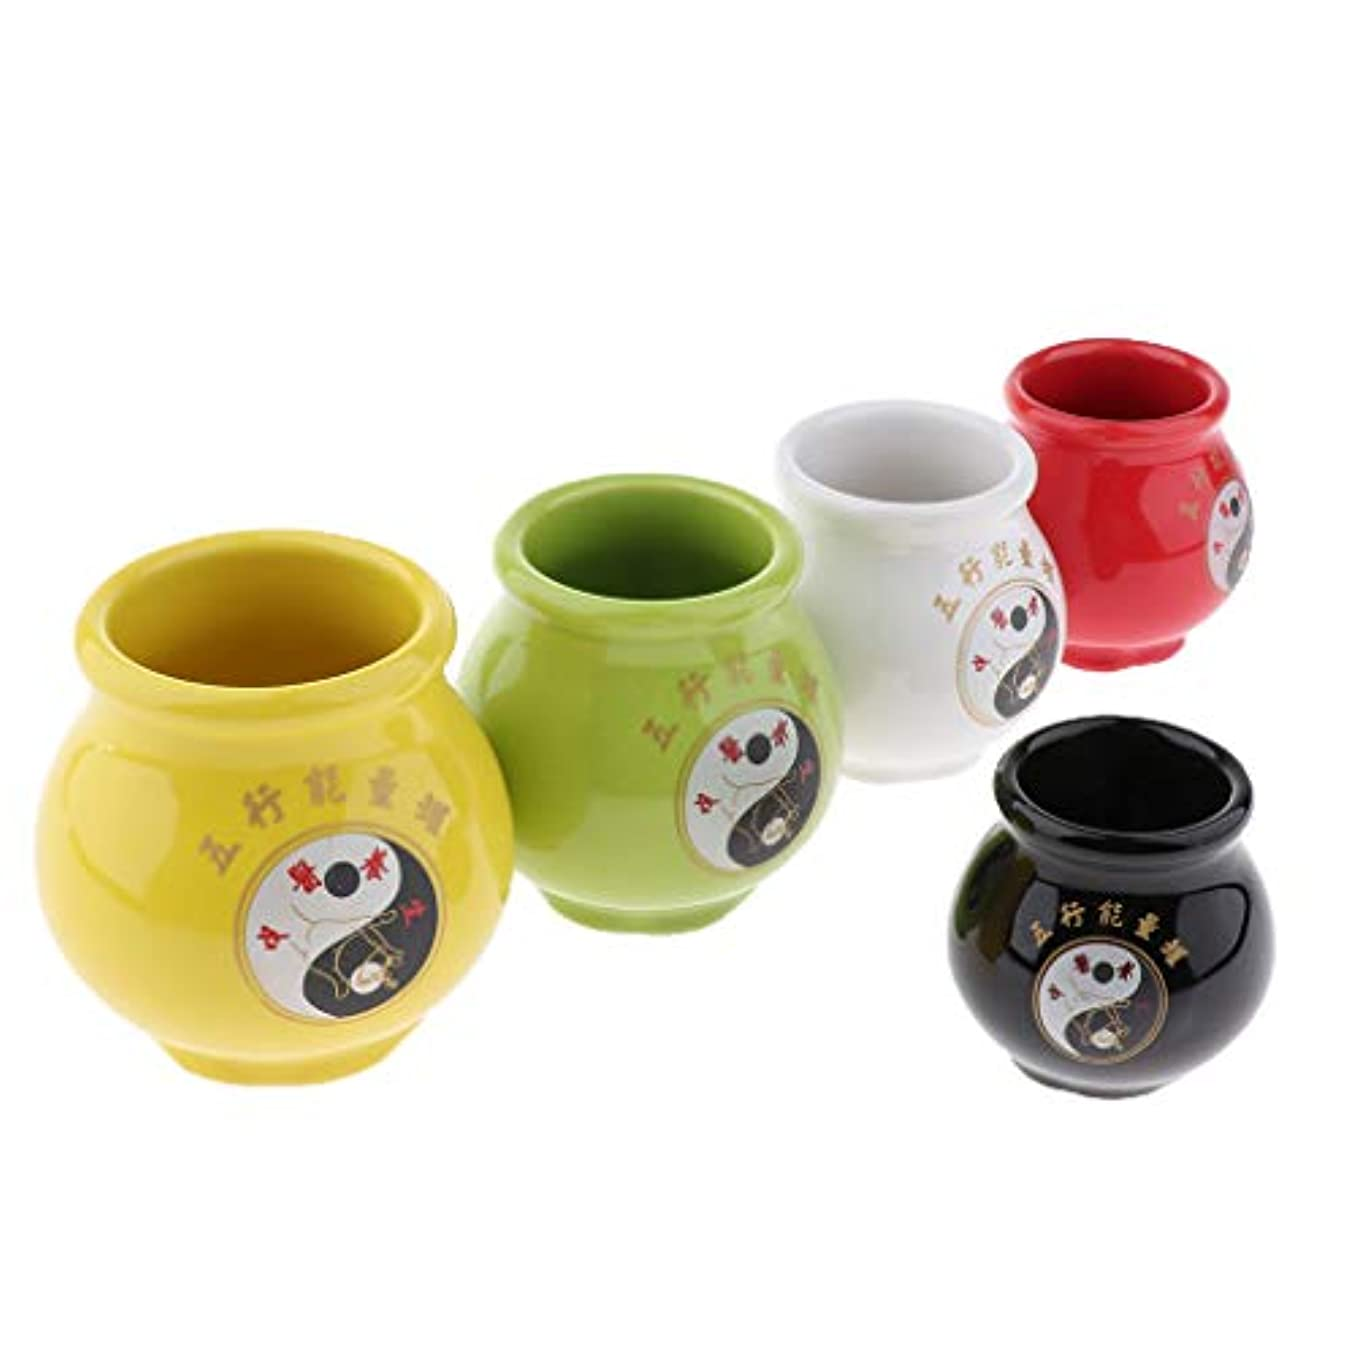 バイオレット祭り気体のFLAMEER マッサージ吸い玉 カッピングカップ セラミック 真空 健康ケア 男女兼用 5個入